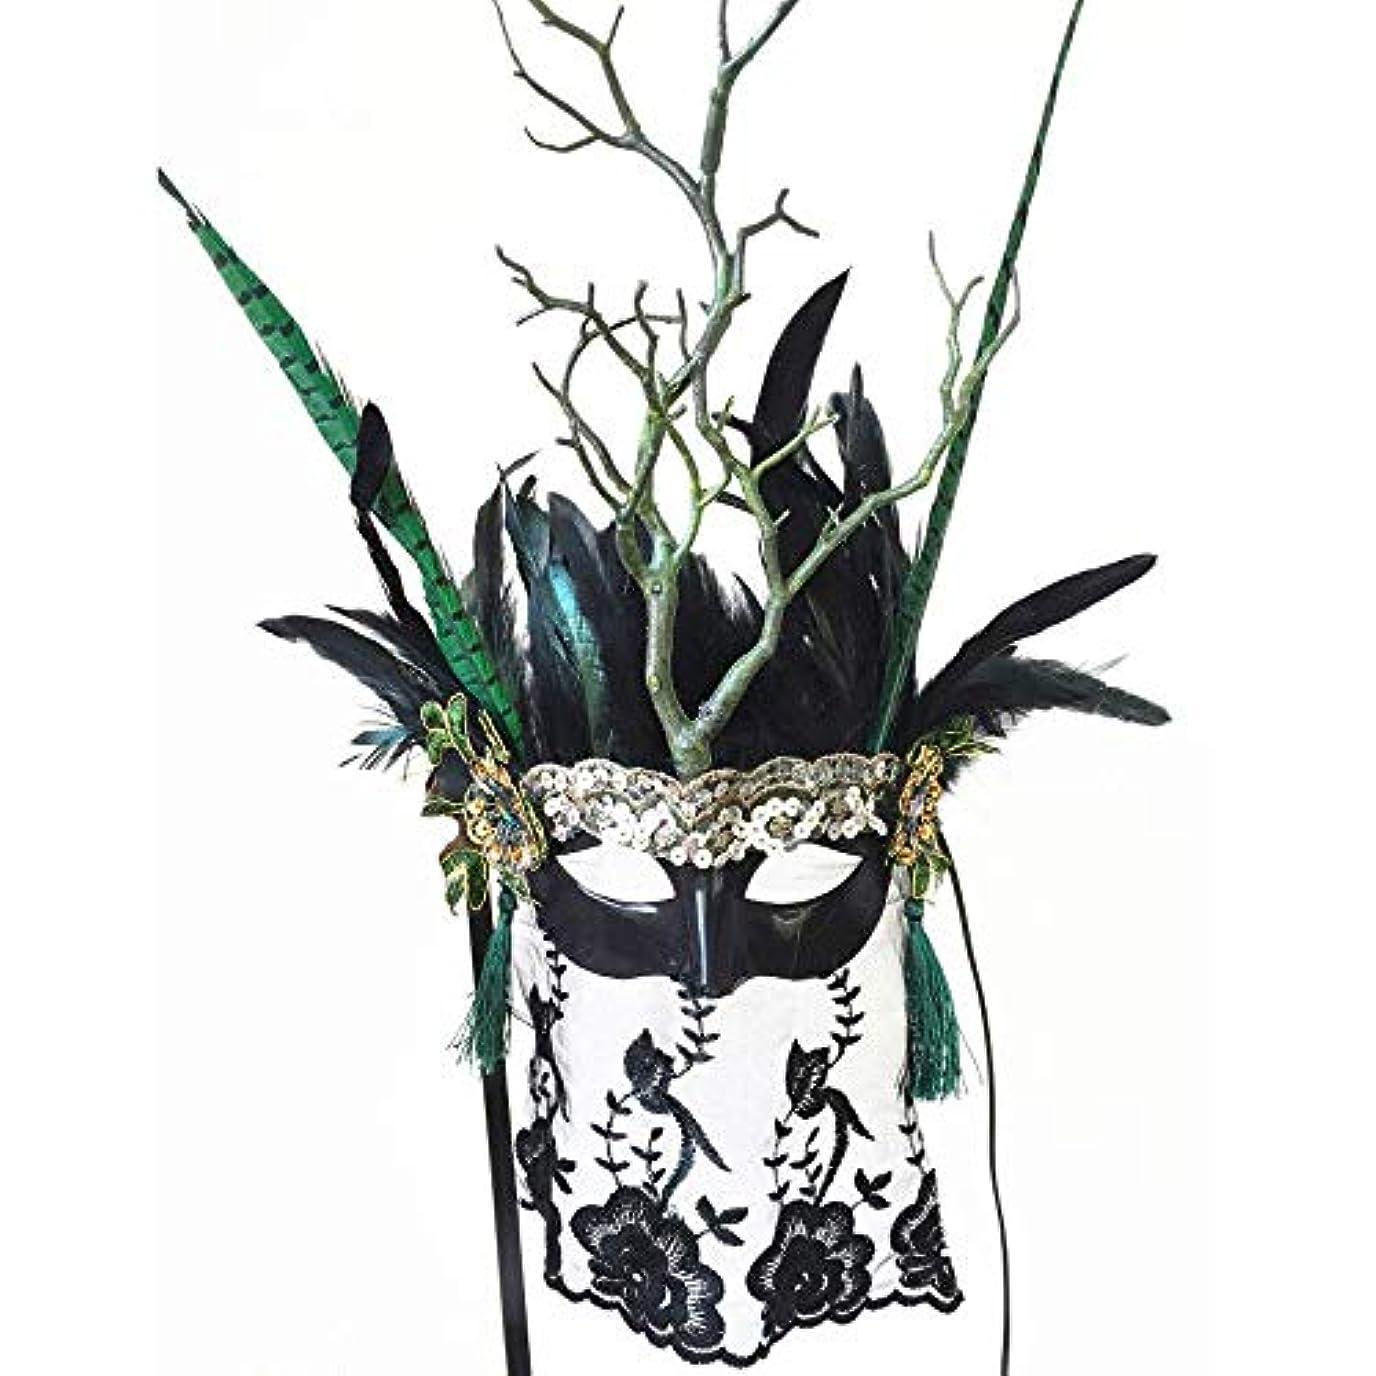 吸収剤幽霊デモンストレーションNanle ハロウィーンクリスマスドライブランチレースフェザースパンコールタッセルベールマスク仮装マスクレディミスプリンセス美しさの祭りパーティー装飾マスク (色 : Style A)